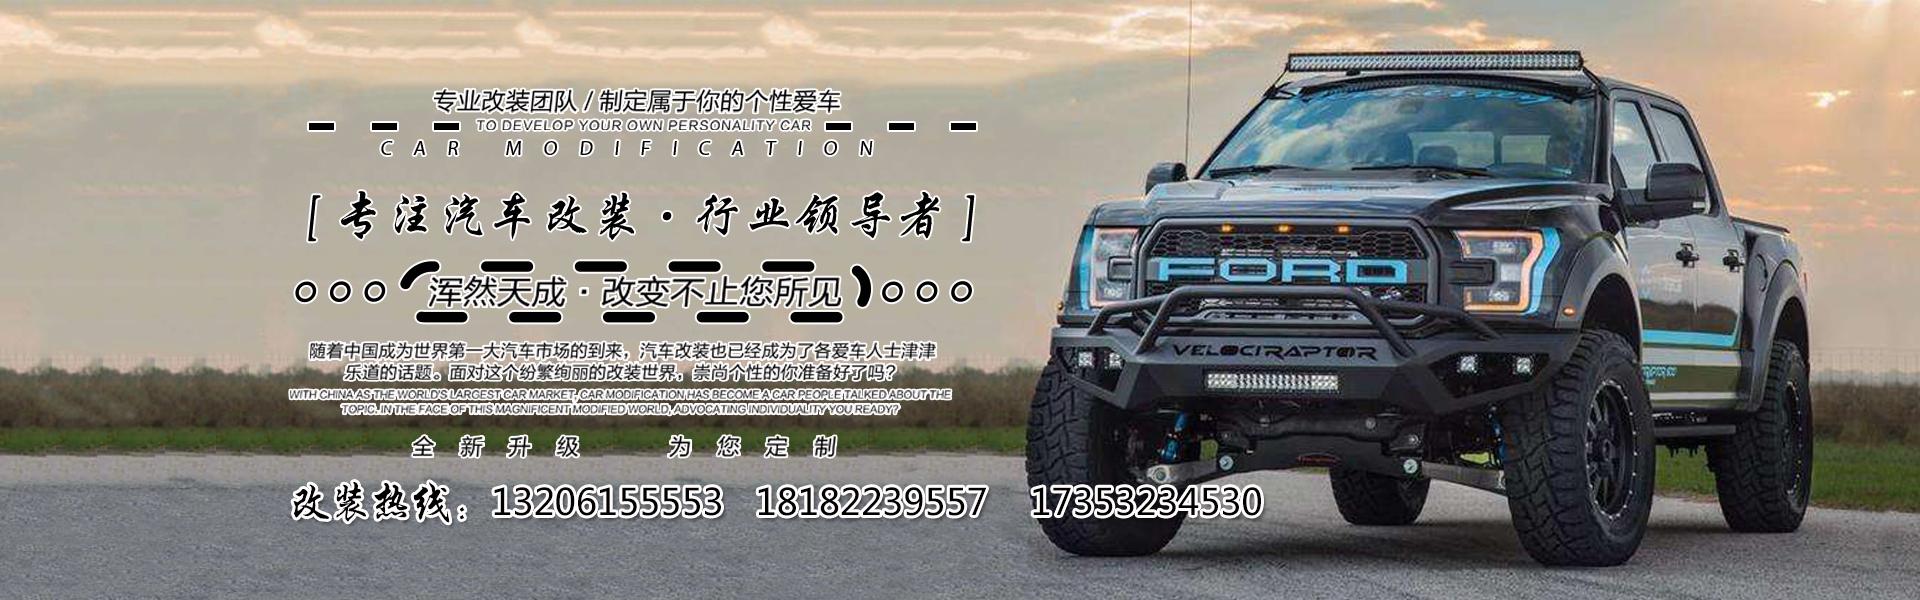 重庆大鱼号汽车科技有限公司专注于改装升级,做为专业的汽车改装升级中心,精心为您打造完美炫车。